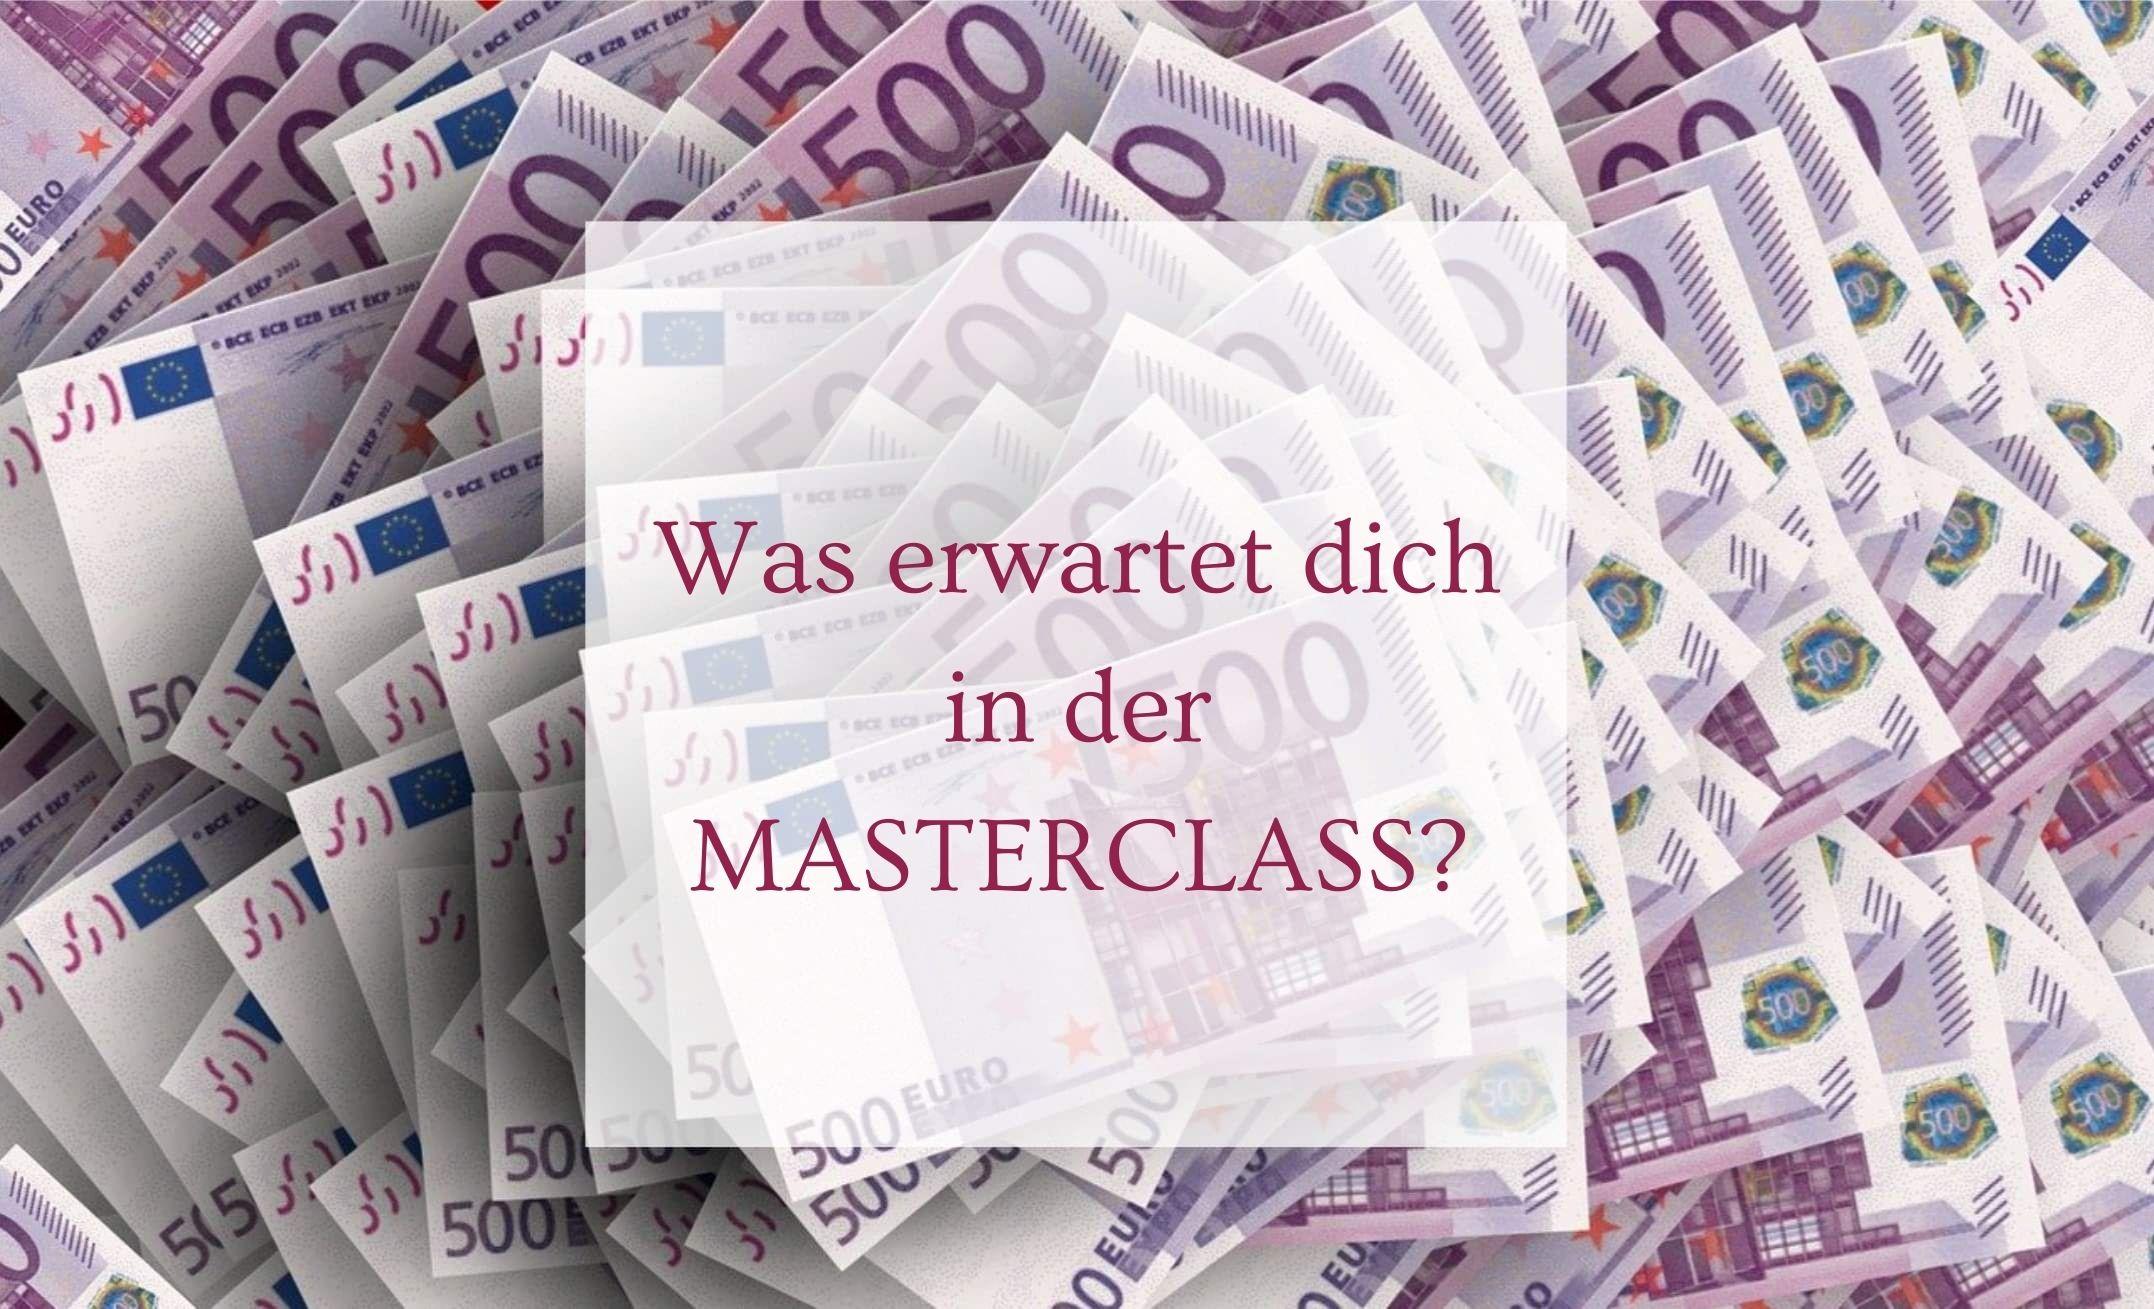 Was erwartet dich in der Masterclass